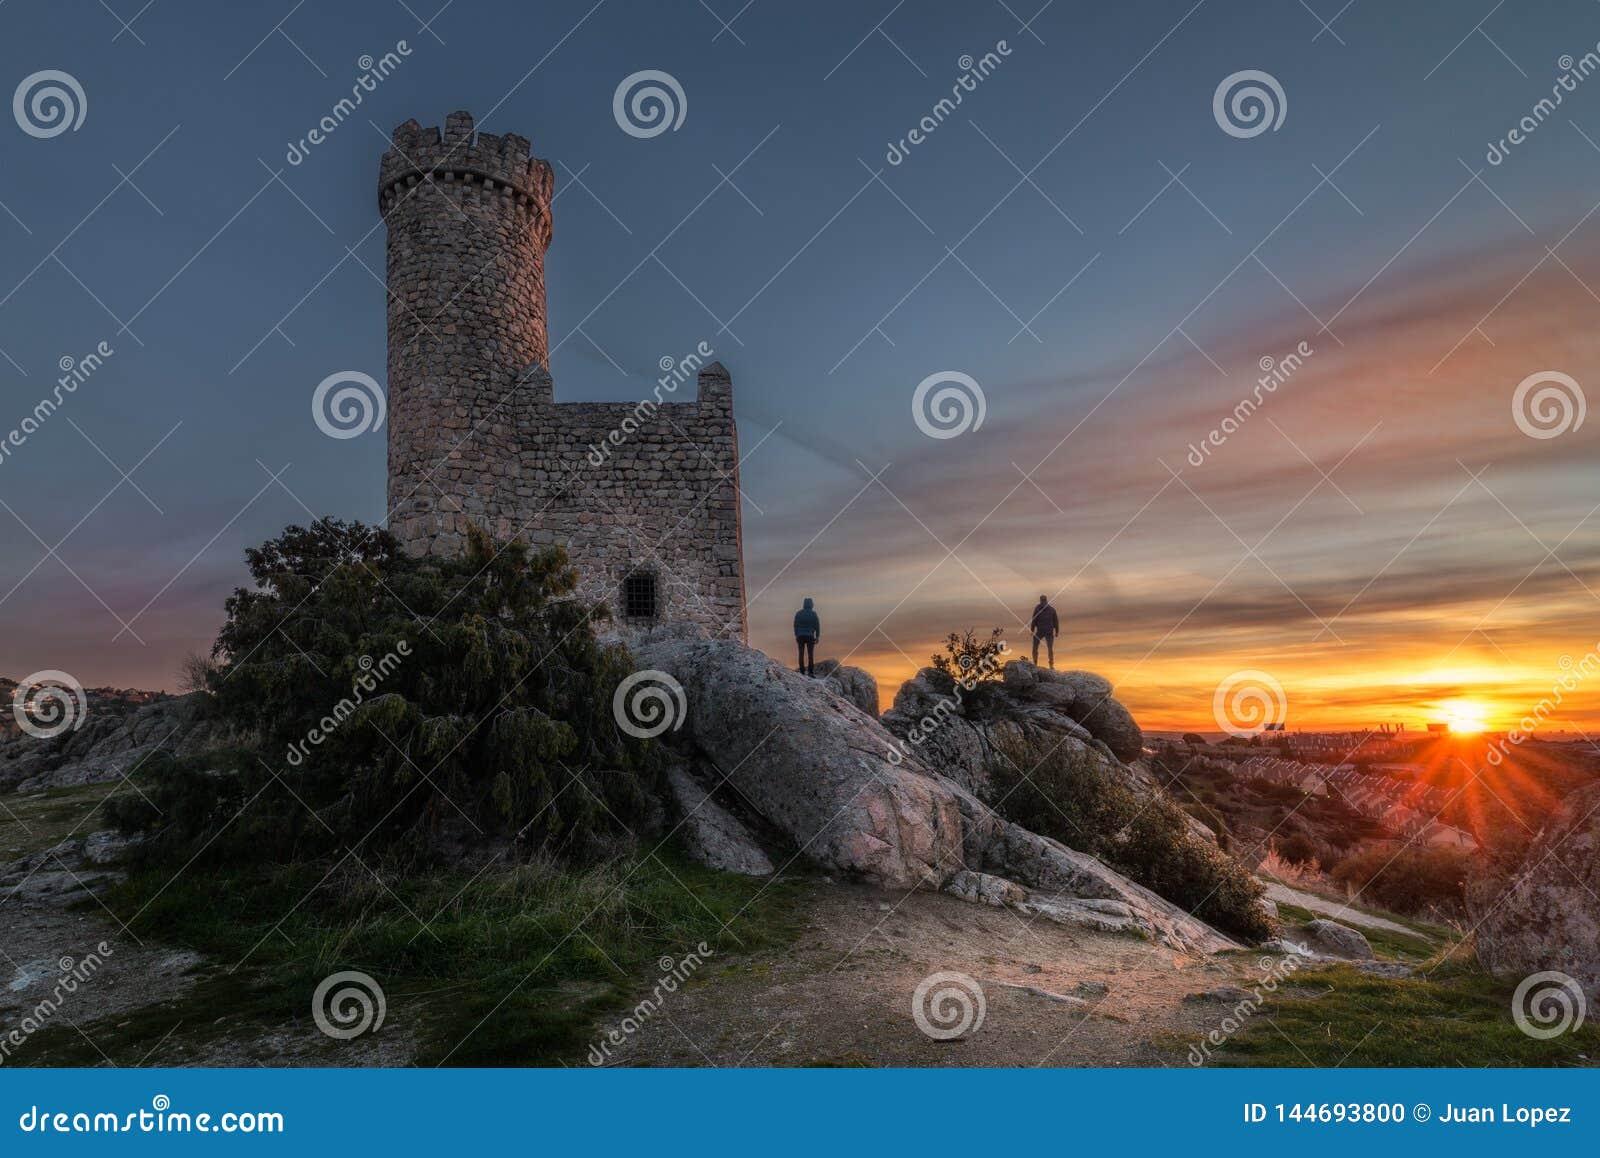 Watchtower in Dawn